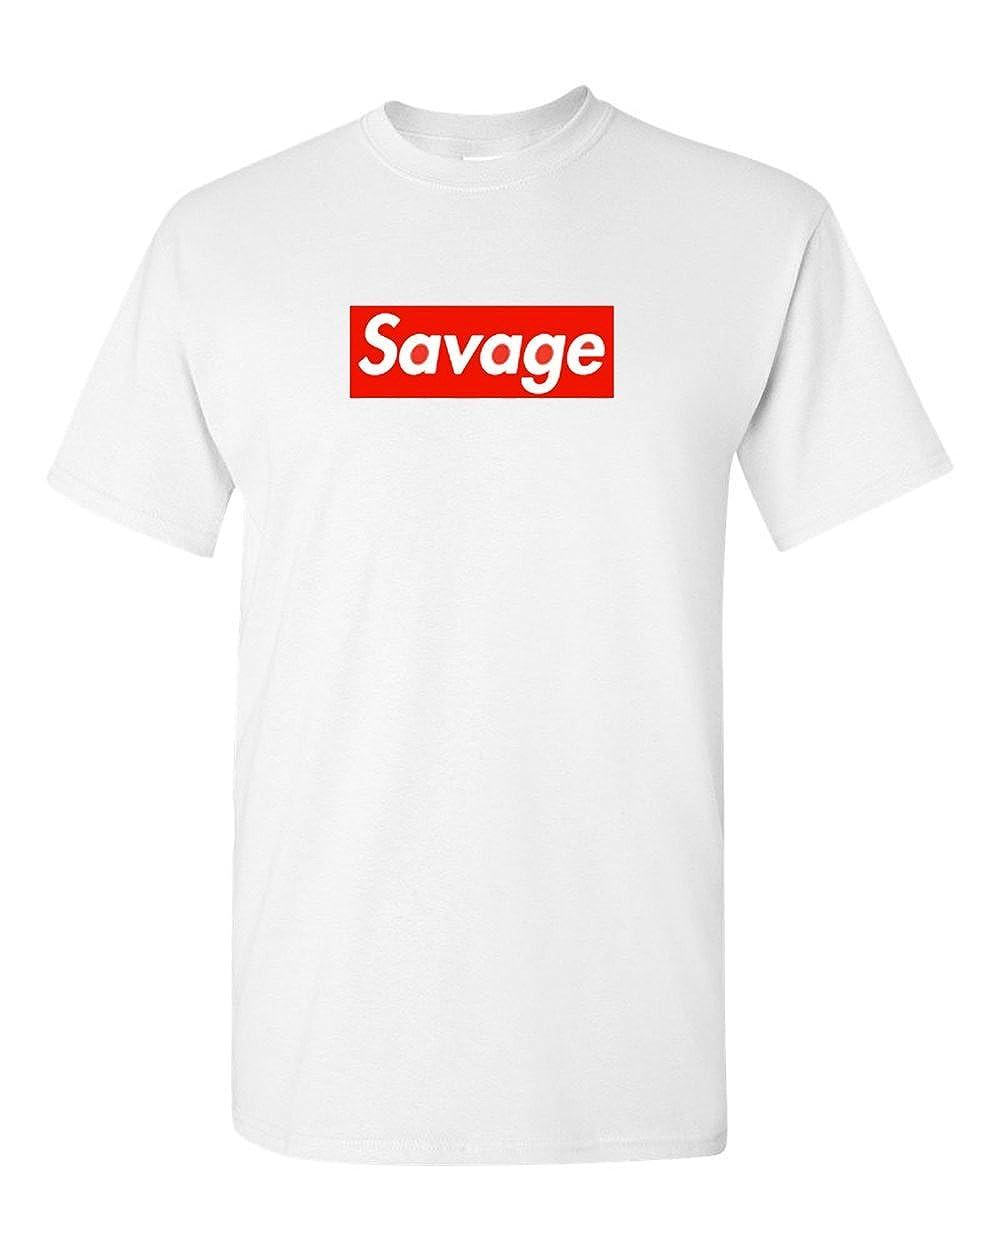 0b593222c99 Amazon.com  Supreme Savage Box Logo T Shirt - 21 Savage  Clothing